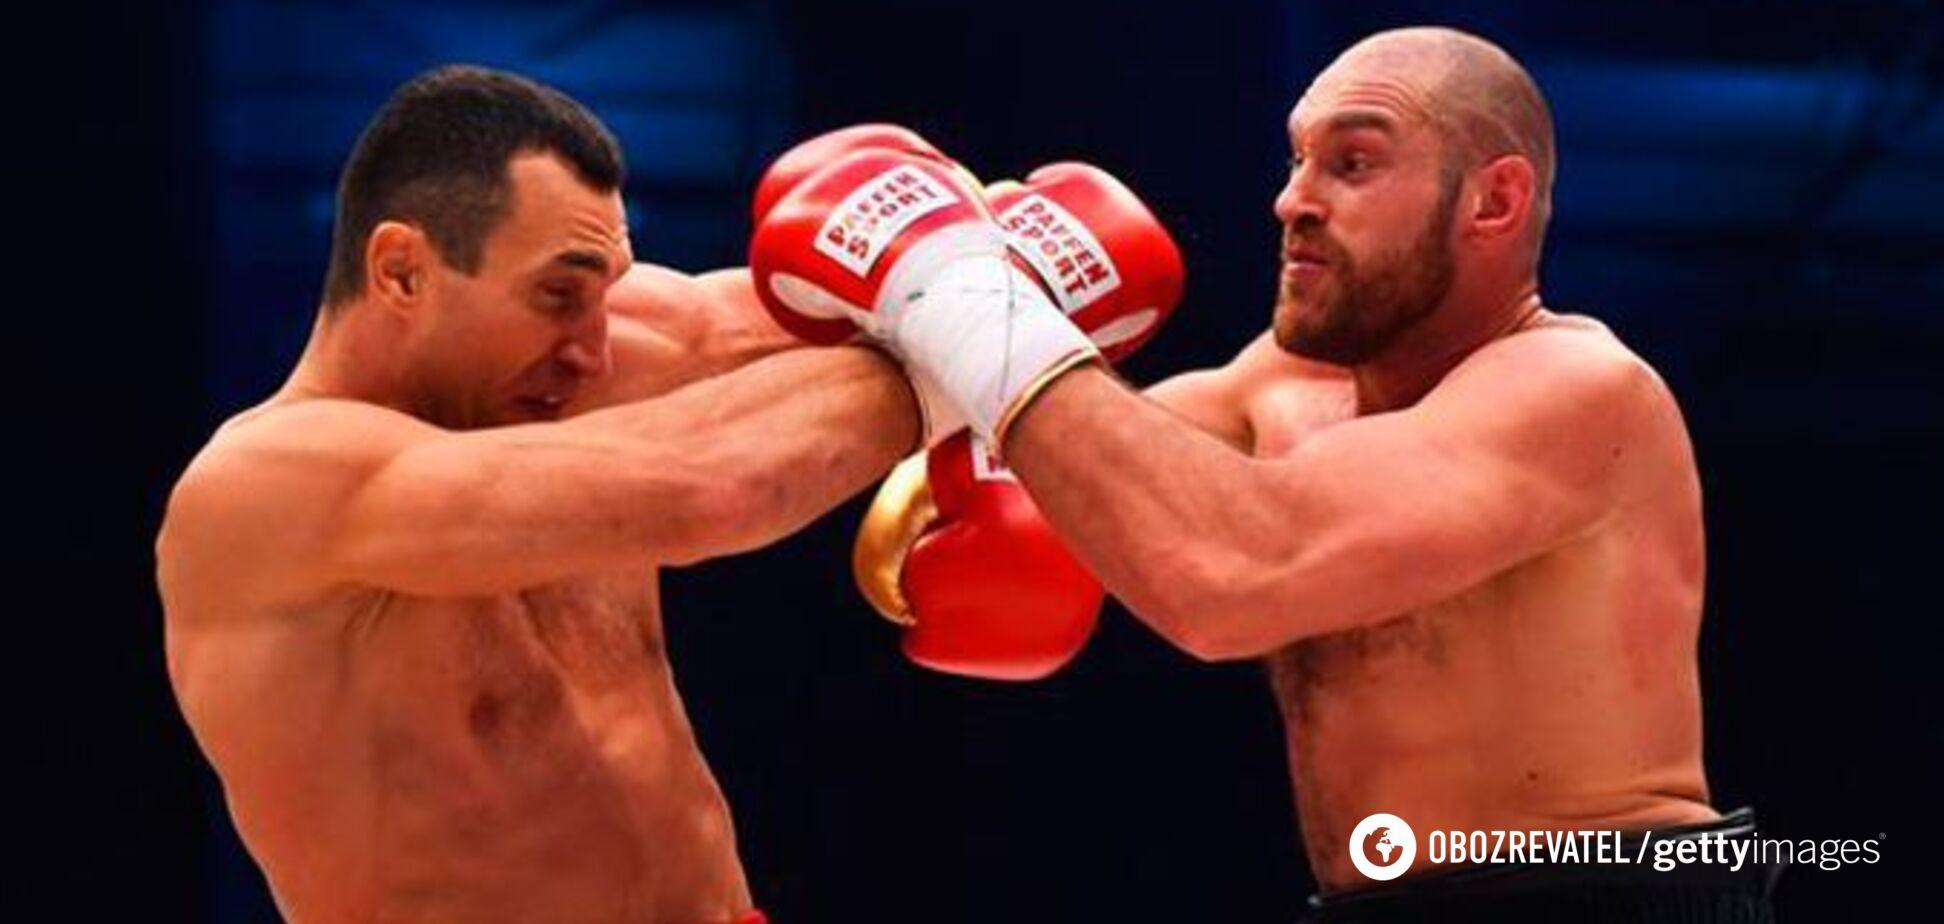 Реванш с Фьюри: Кличко сделал резонансное заявление о возвращении в бокс